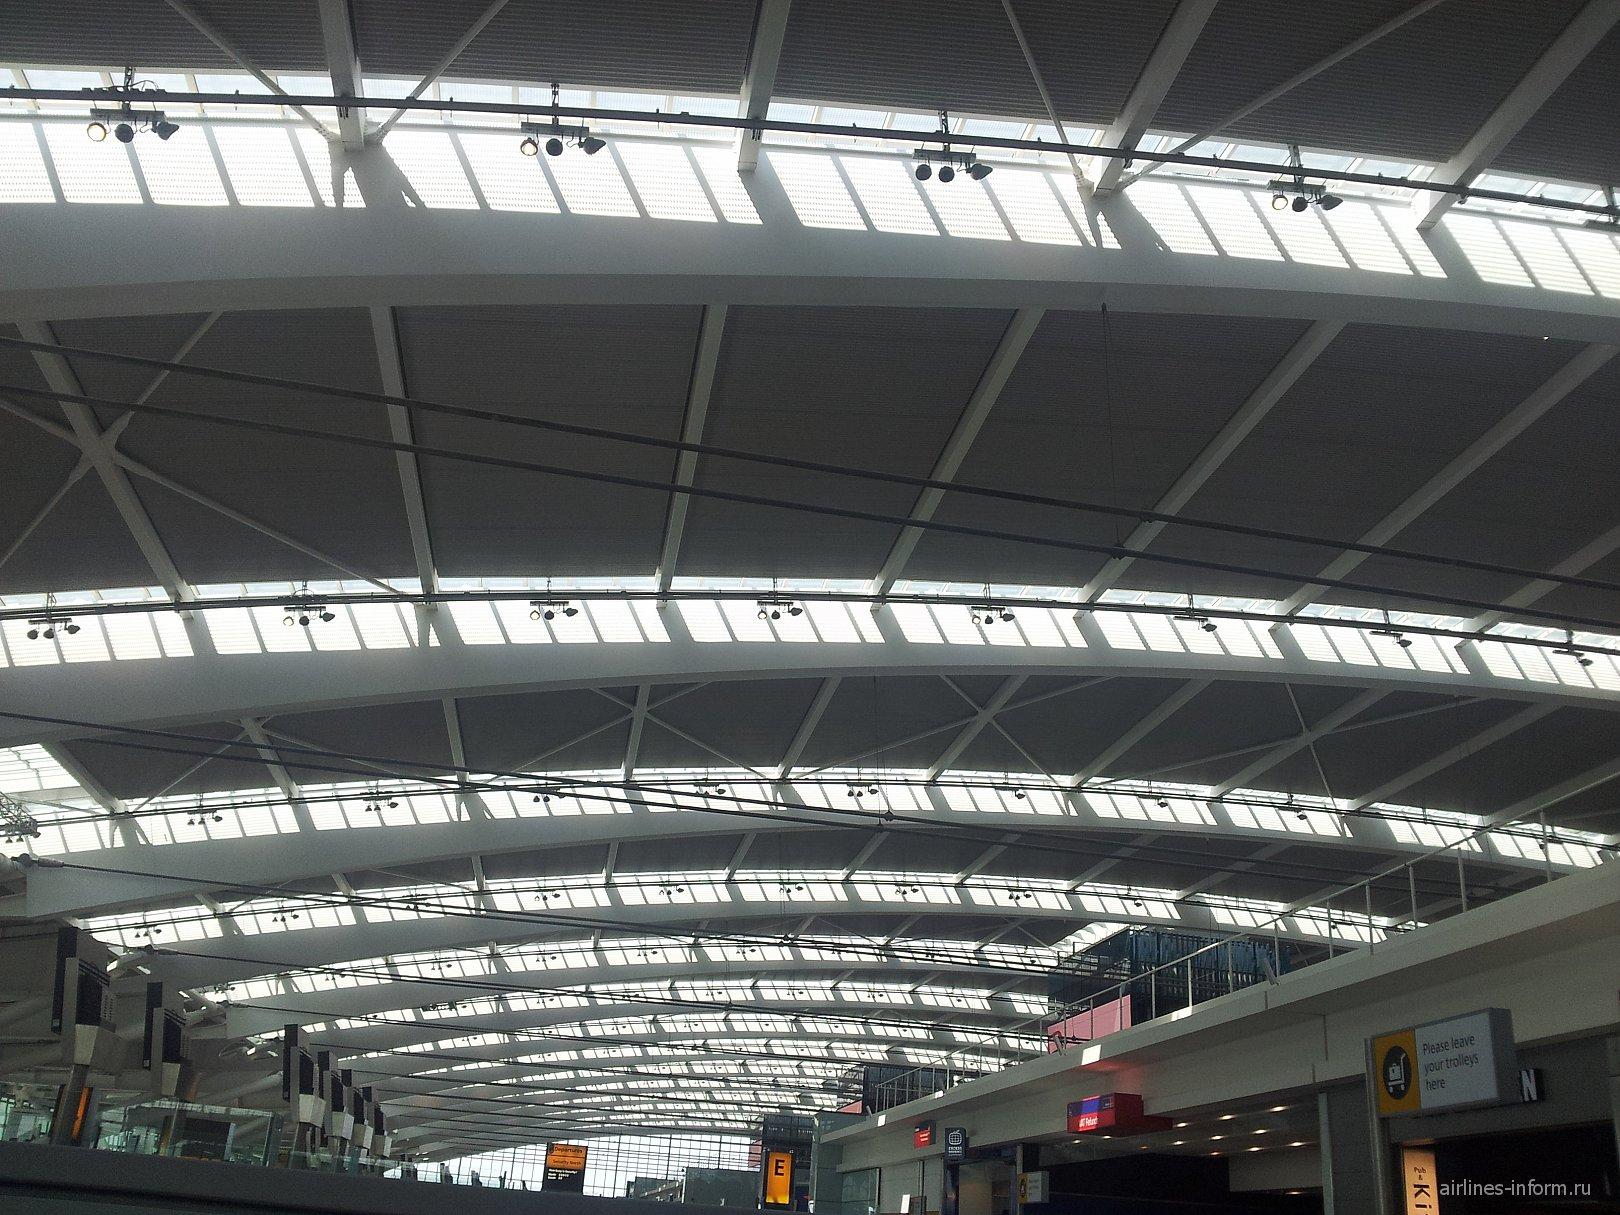 Потолок в Терминале 5 аэропорта Хитроу